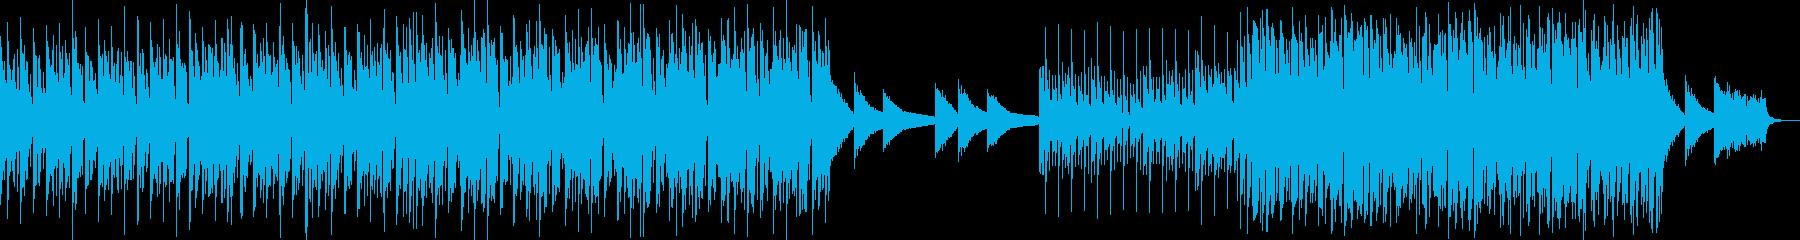 クラップとピアノの刻みがある軽快なハウスの再生済みの波形